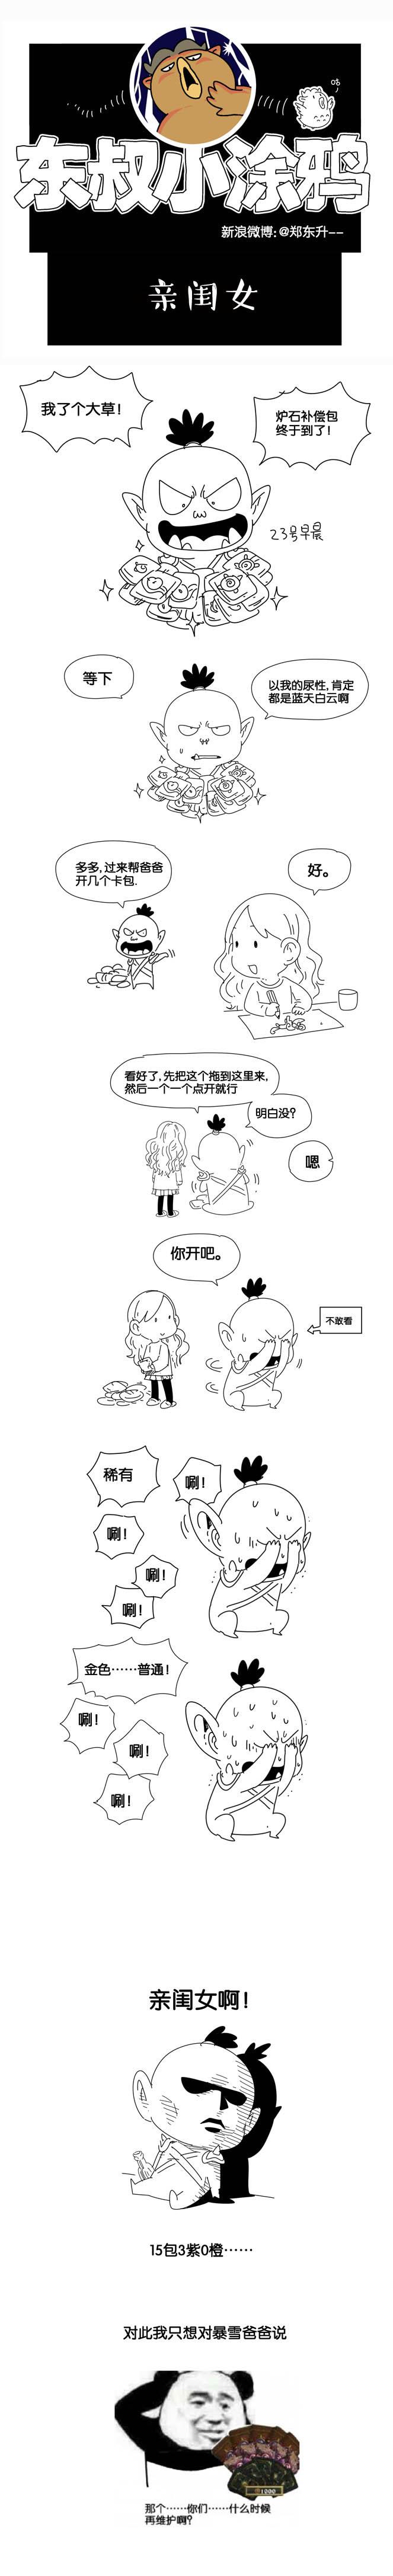 郑东升.jpg